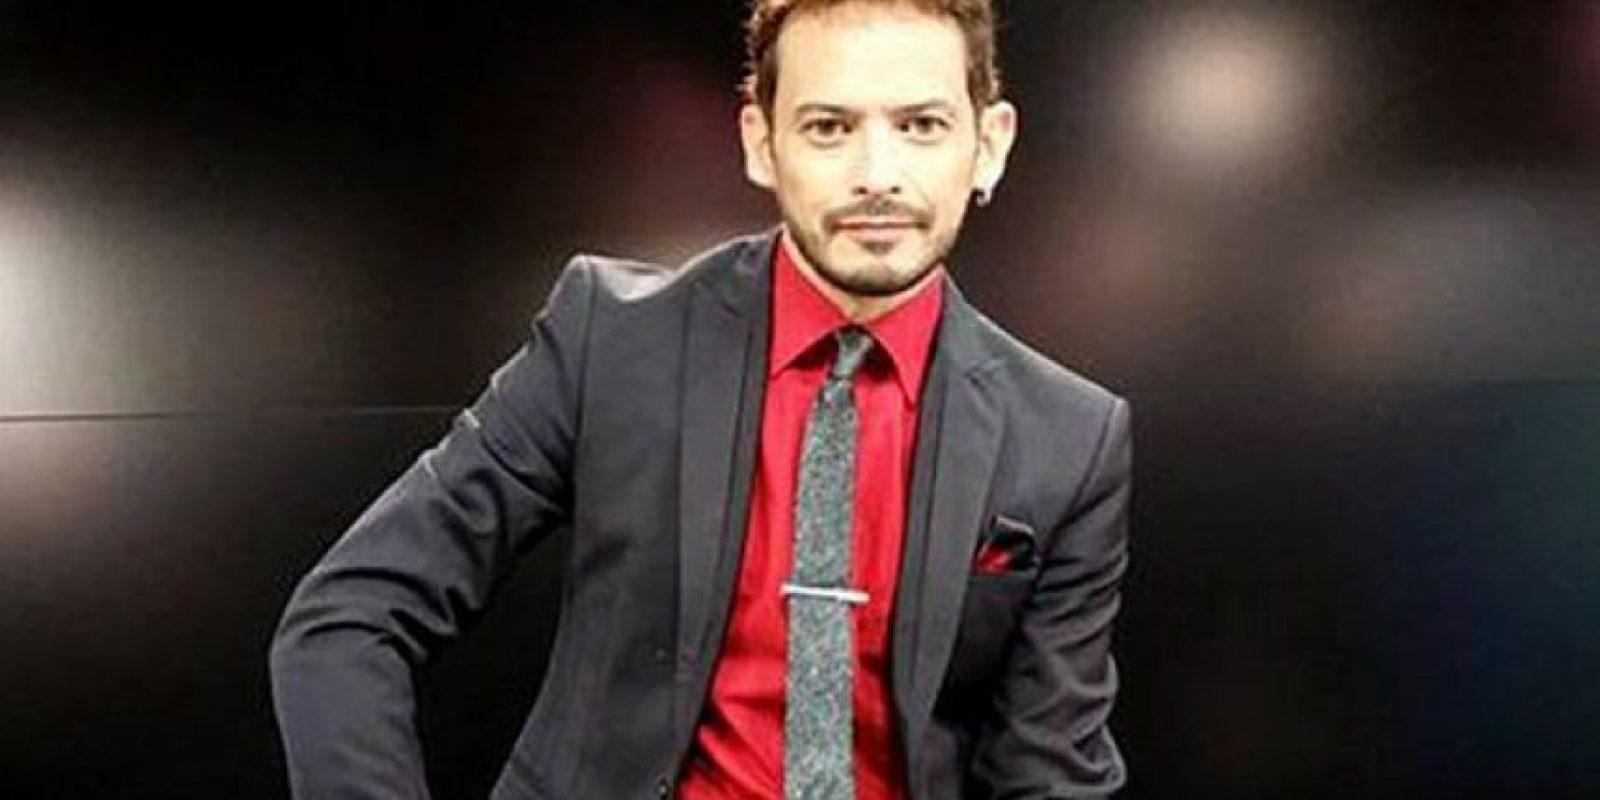 """Alejandro """"Jano"""" fuentes fue finalista en la primera temporada de """"La Voz… México"""" Foto:Televisa"""